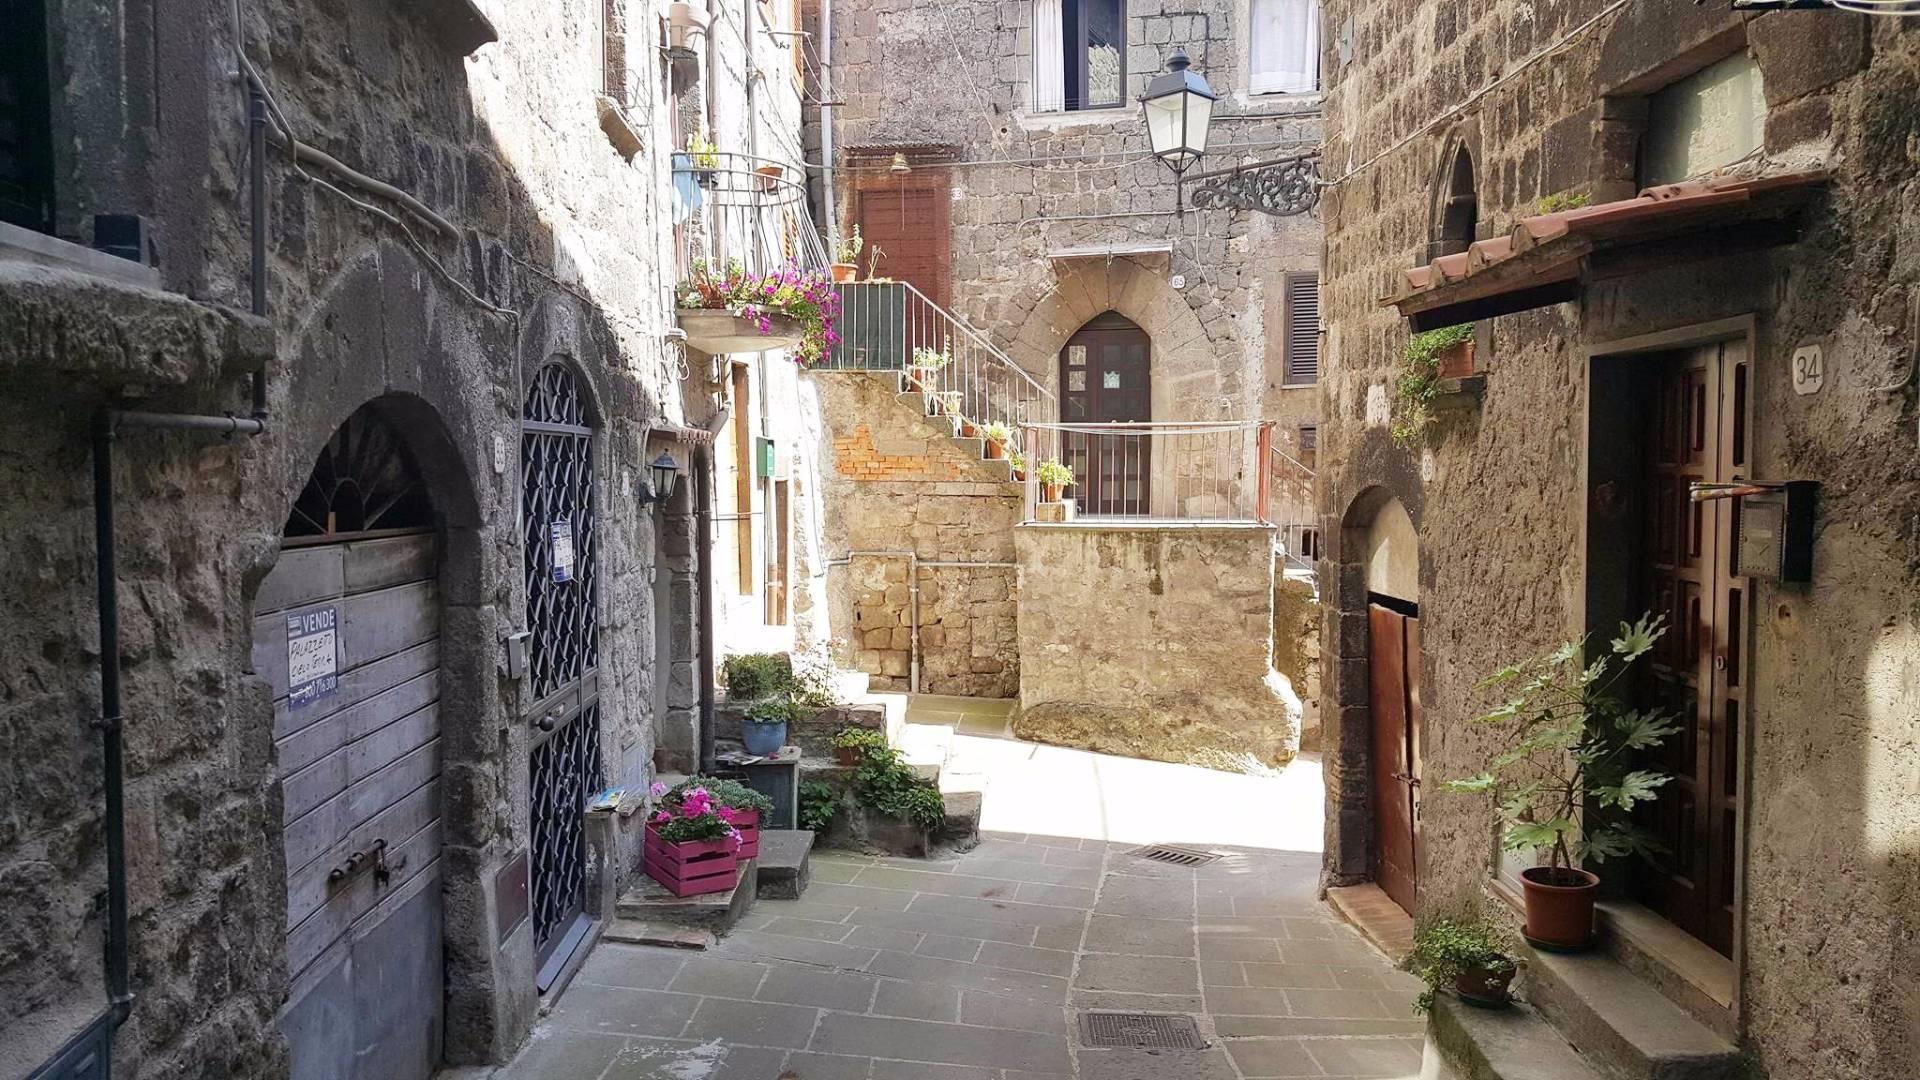 Appartamento in vendita a Vitorchiano, 4 locali, zona Località: Vitorchiano, prezzo € 99.000 | CambioCasa.it